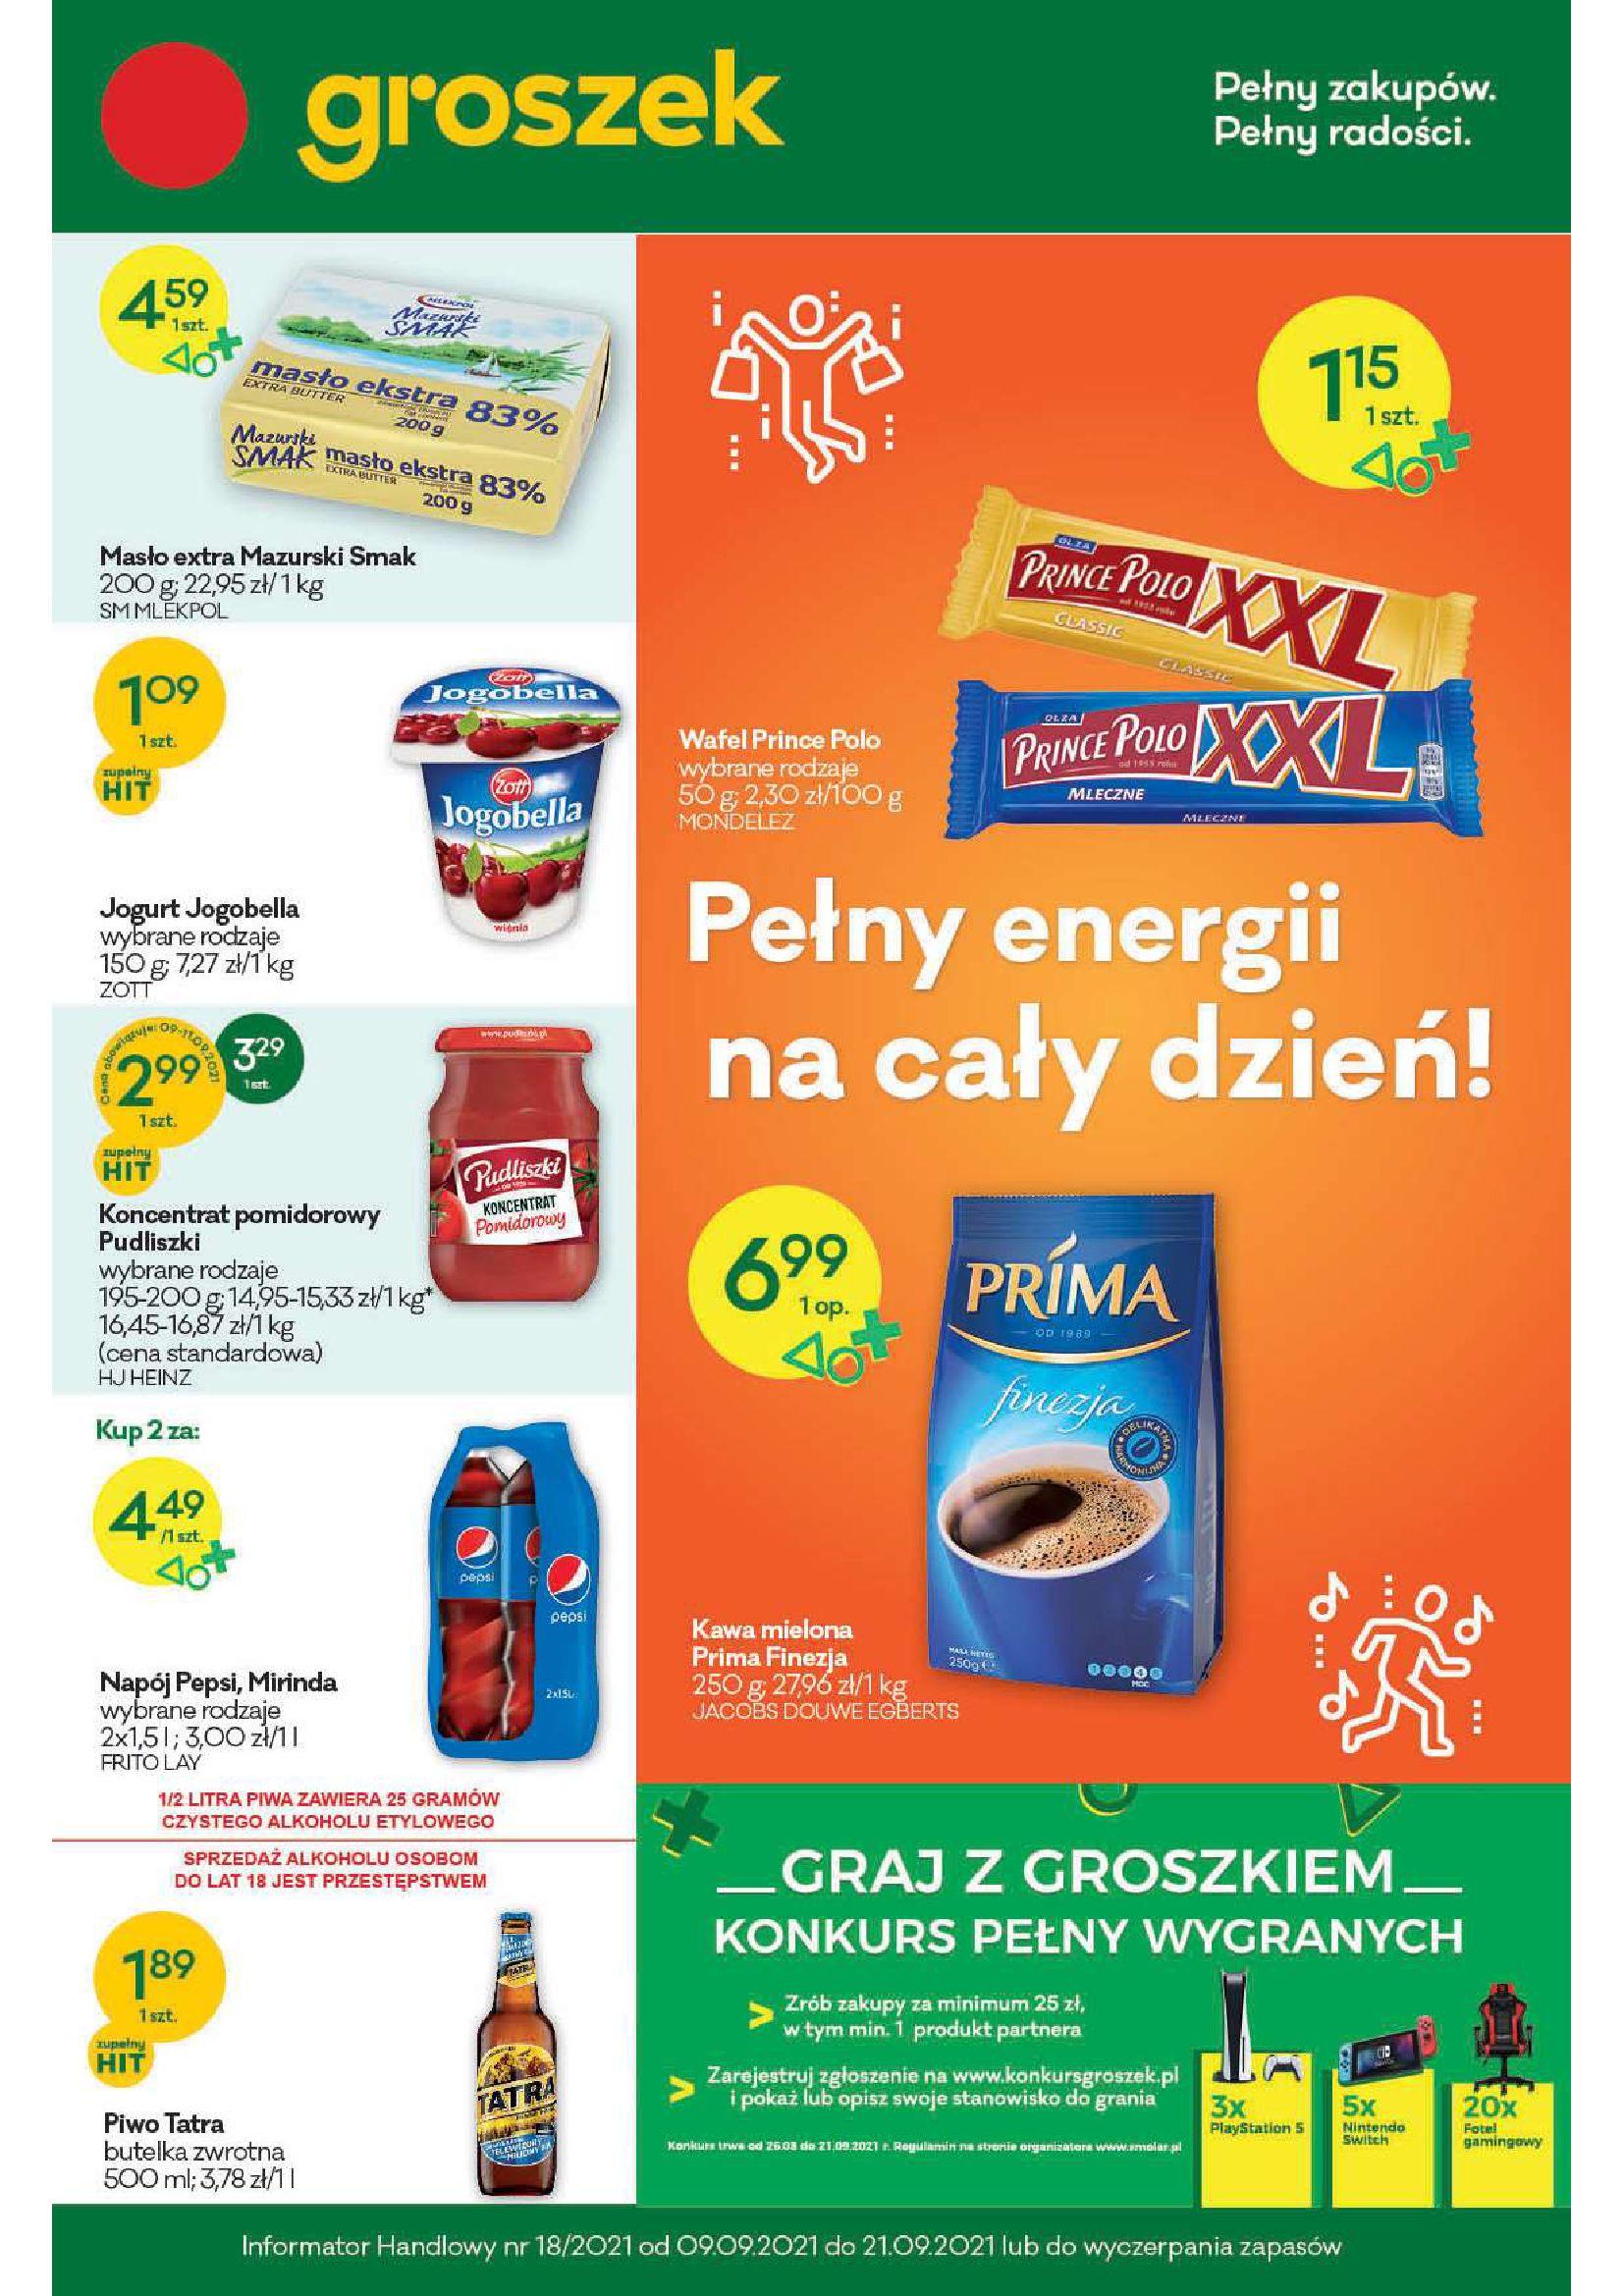 Gazetka Groszek: Gazetka Groszek 2021-09-09 page-1